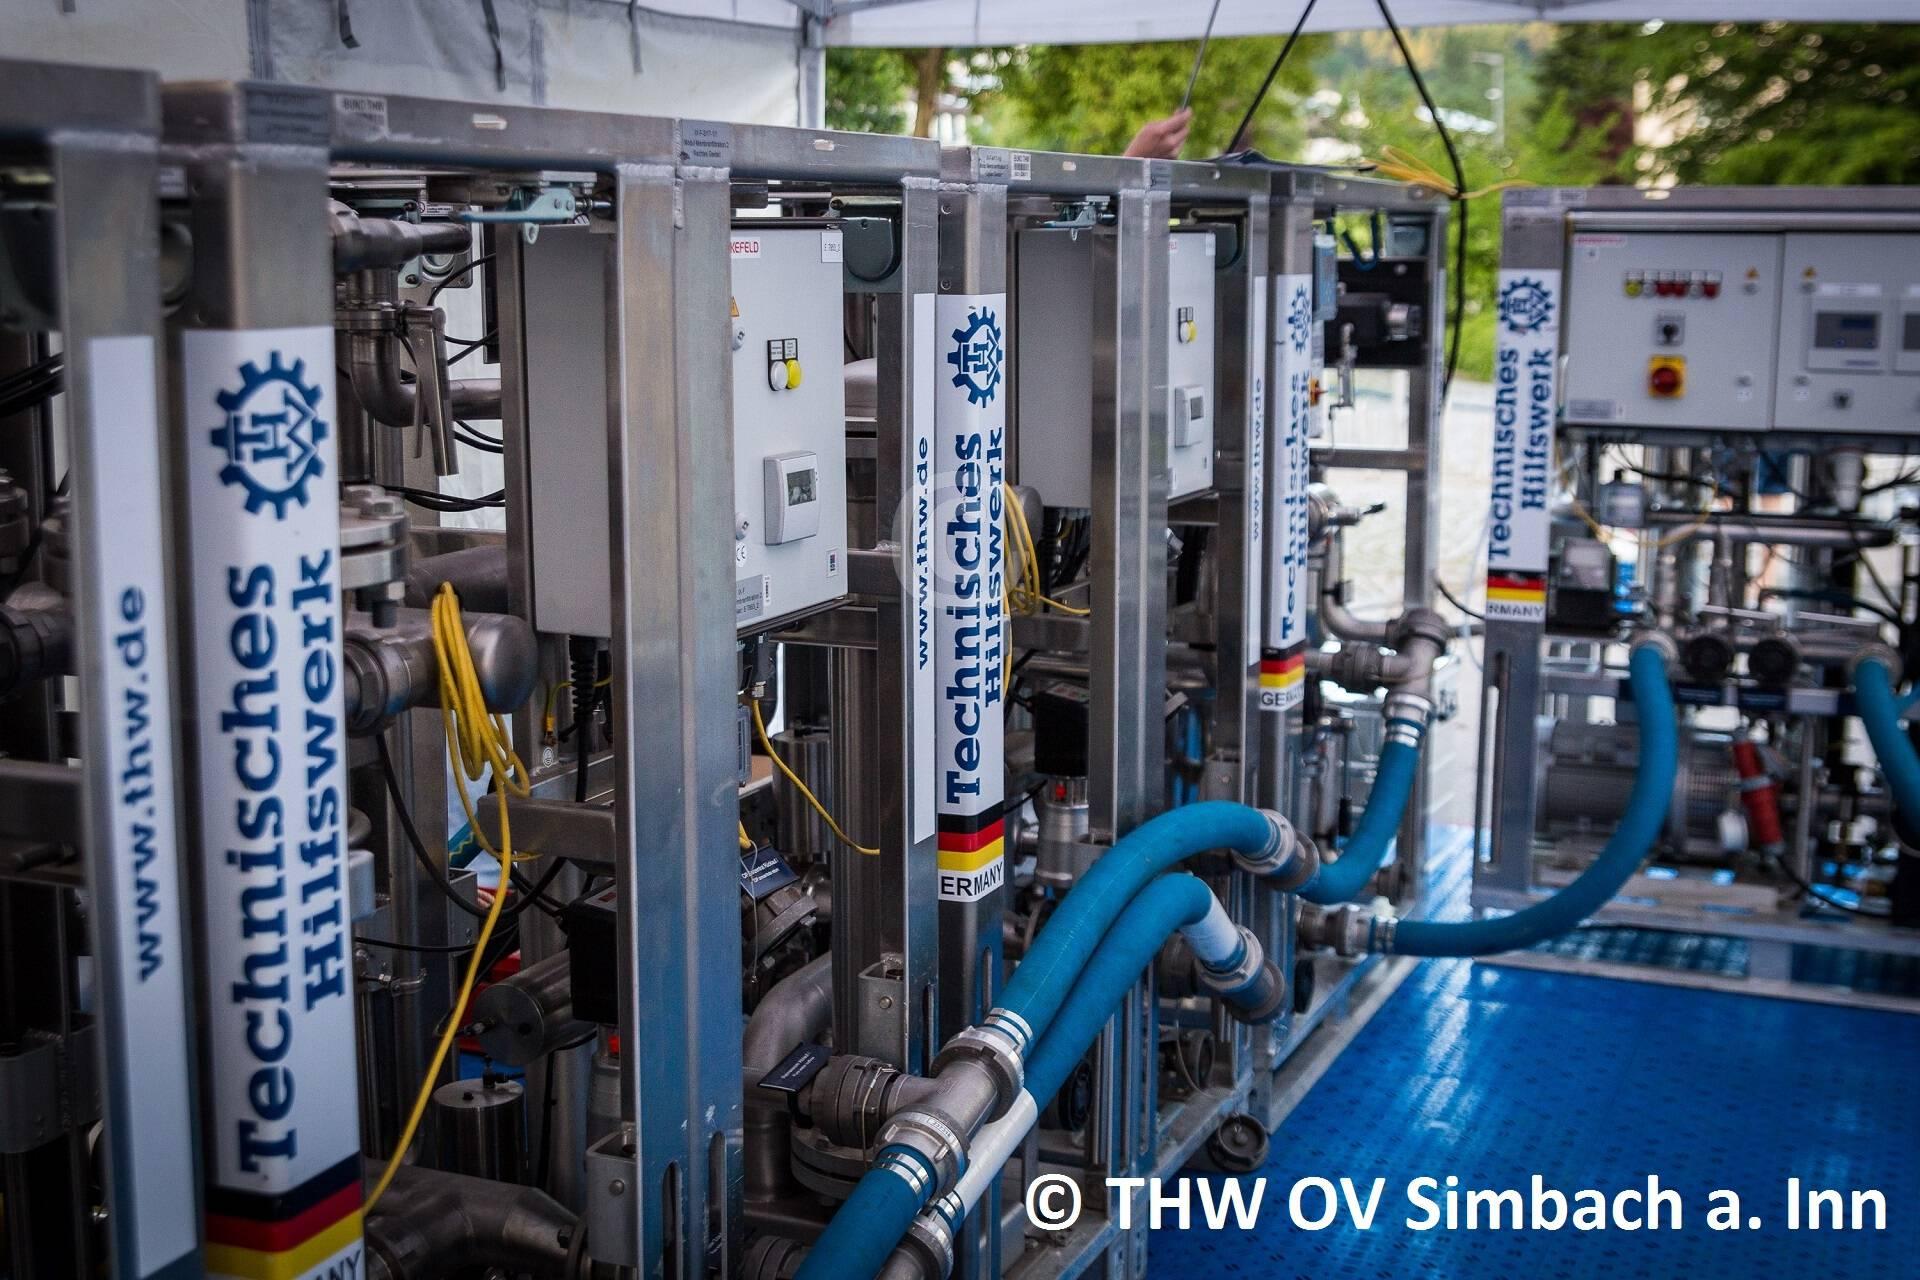 Trinkwasseraufbereitungsanlagen des THW